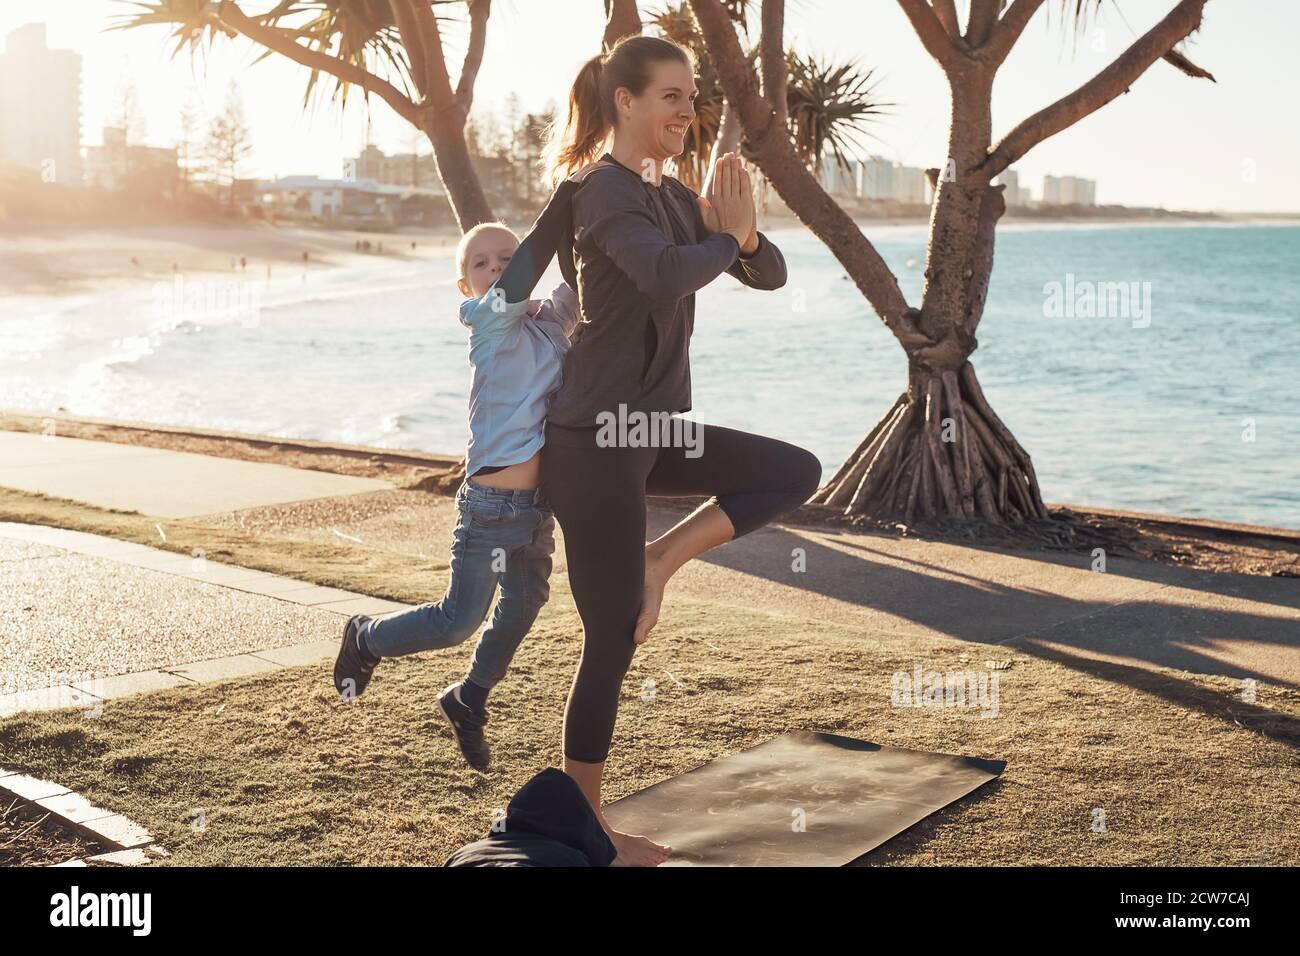 Jeune mère et fils faisant de la gymnastique et s'étirant dans le parc de la ville sur le soleil avec vue sur l'océan. Femme en yoga asana et garçon sur ses épaules Banque D'Images